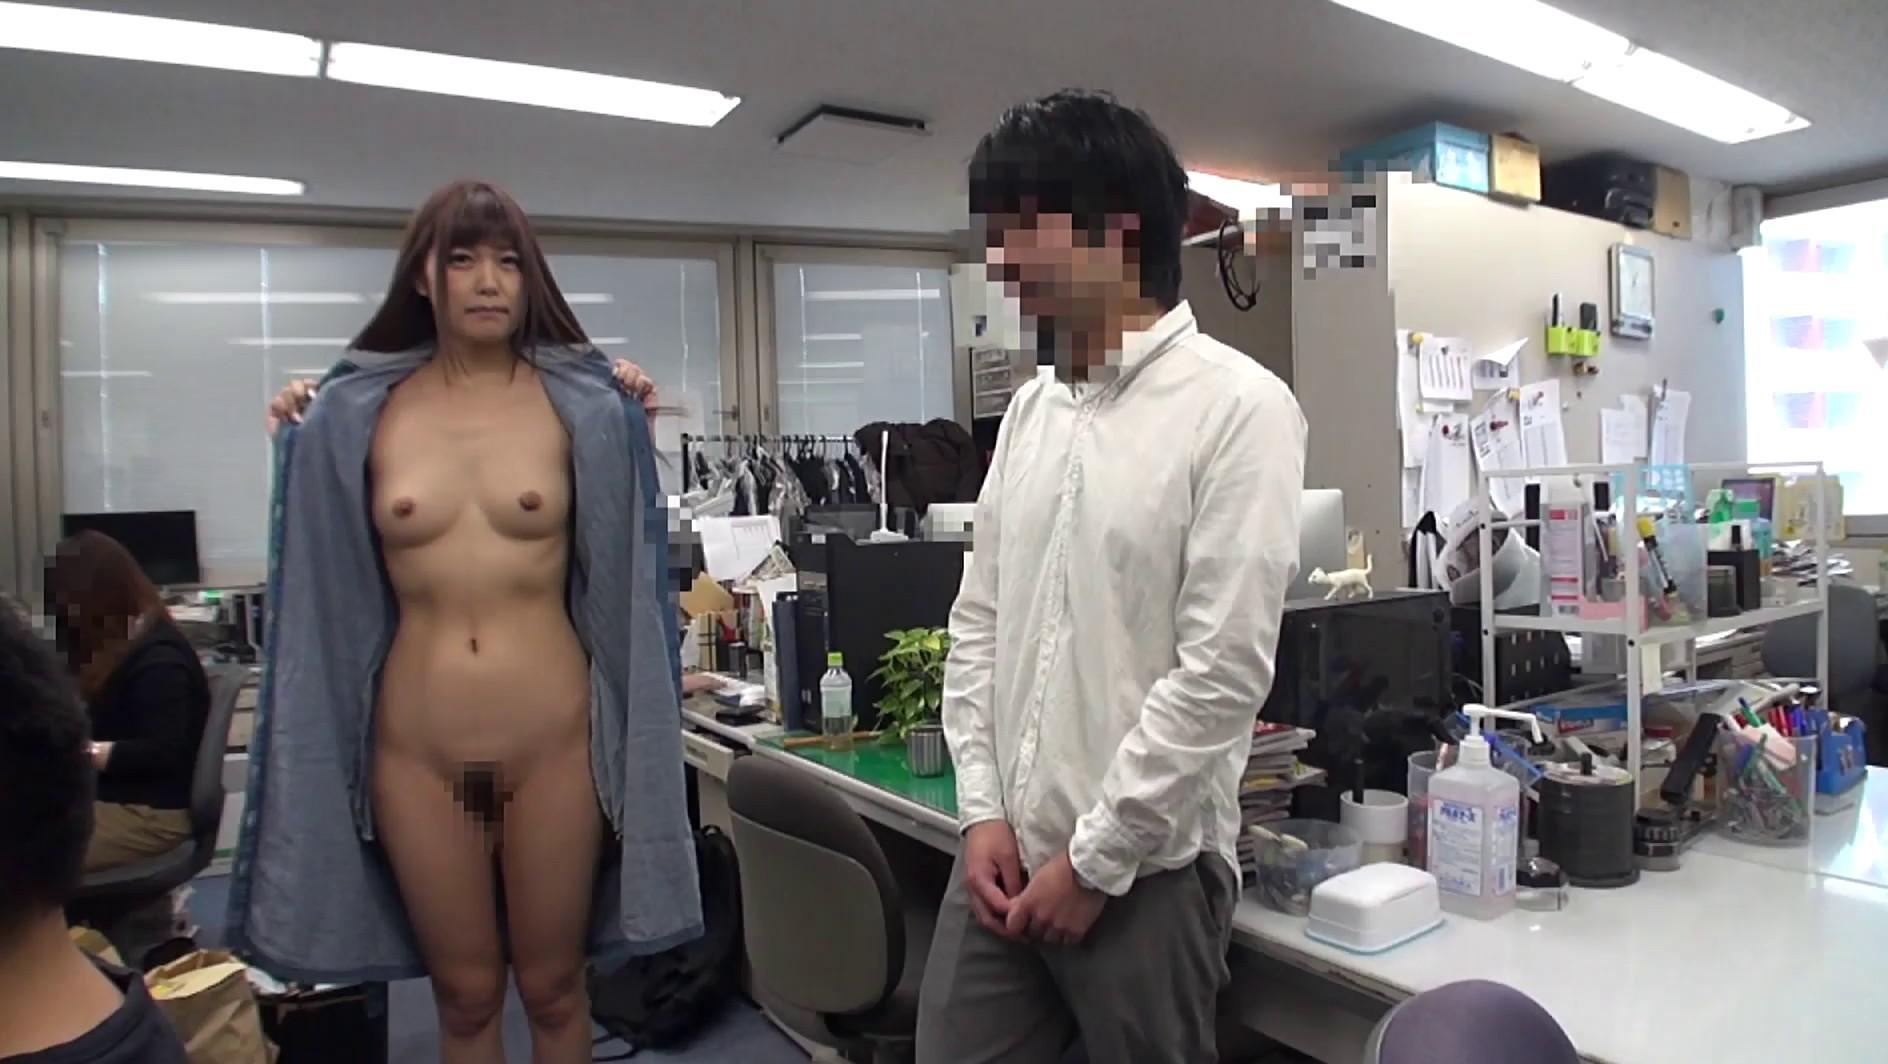 職場で見たエロい光景3